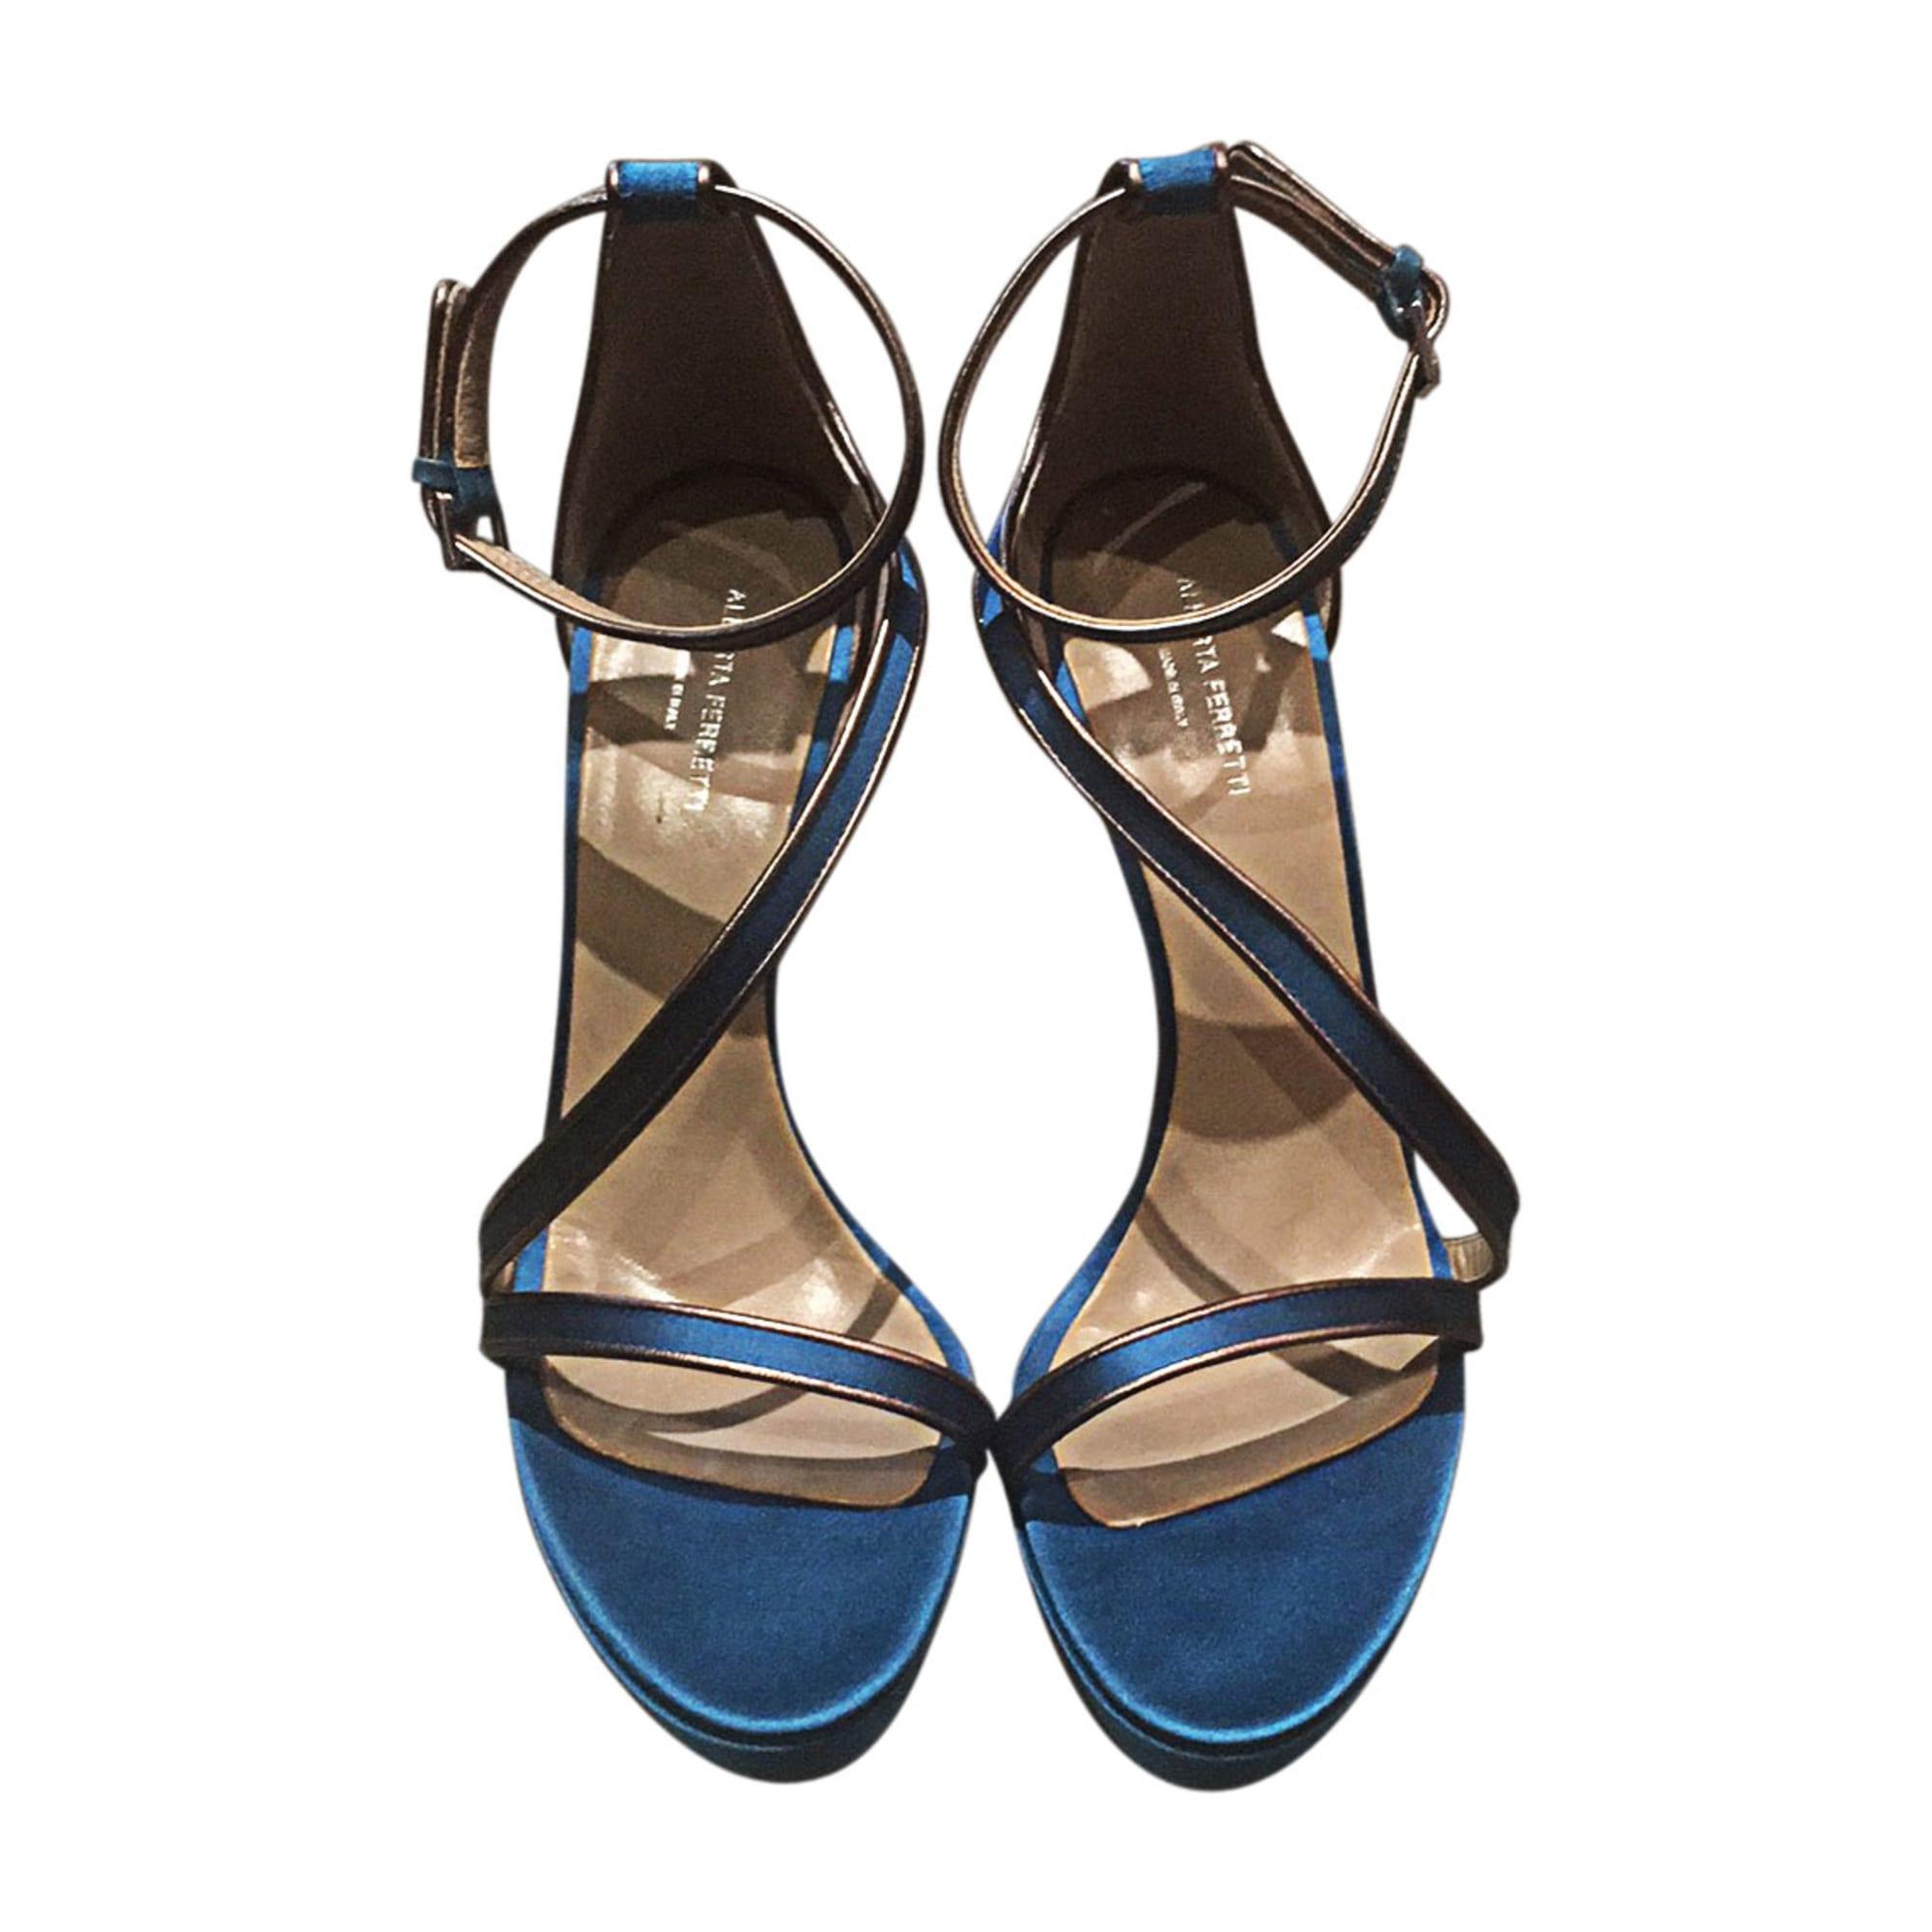 Escarpins PHILOSOPHY DI ALBERTA FERRETTI Bleu, bleu marine, bleu turquoise